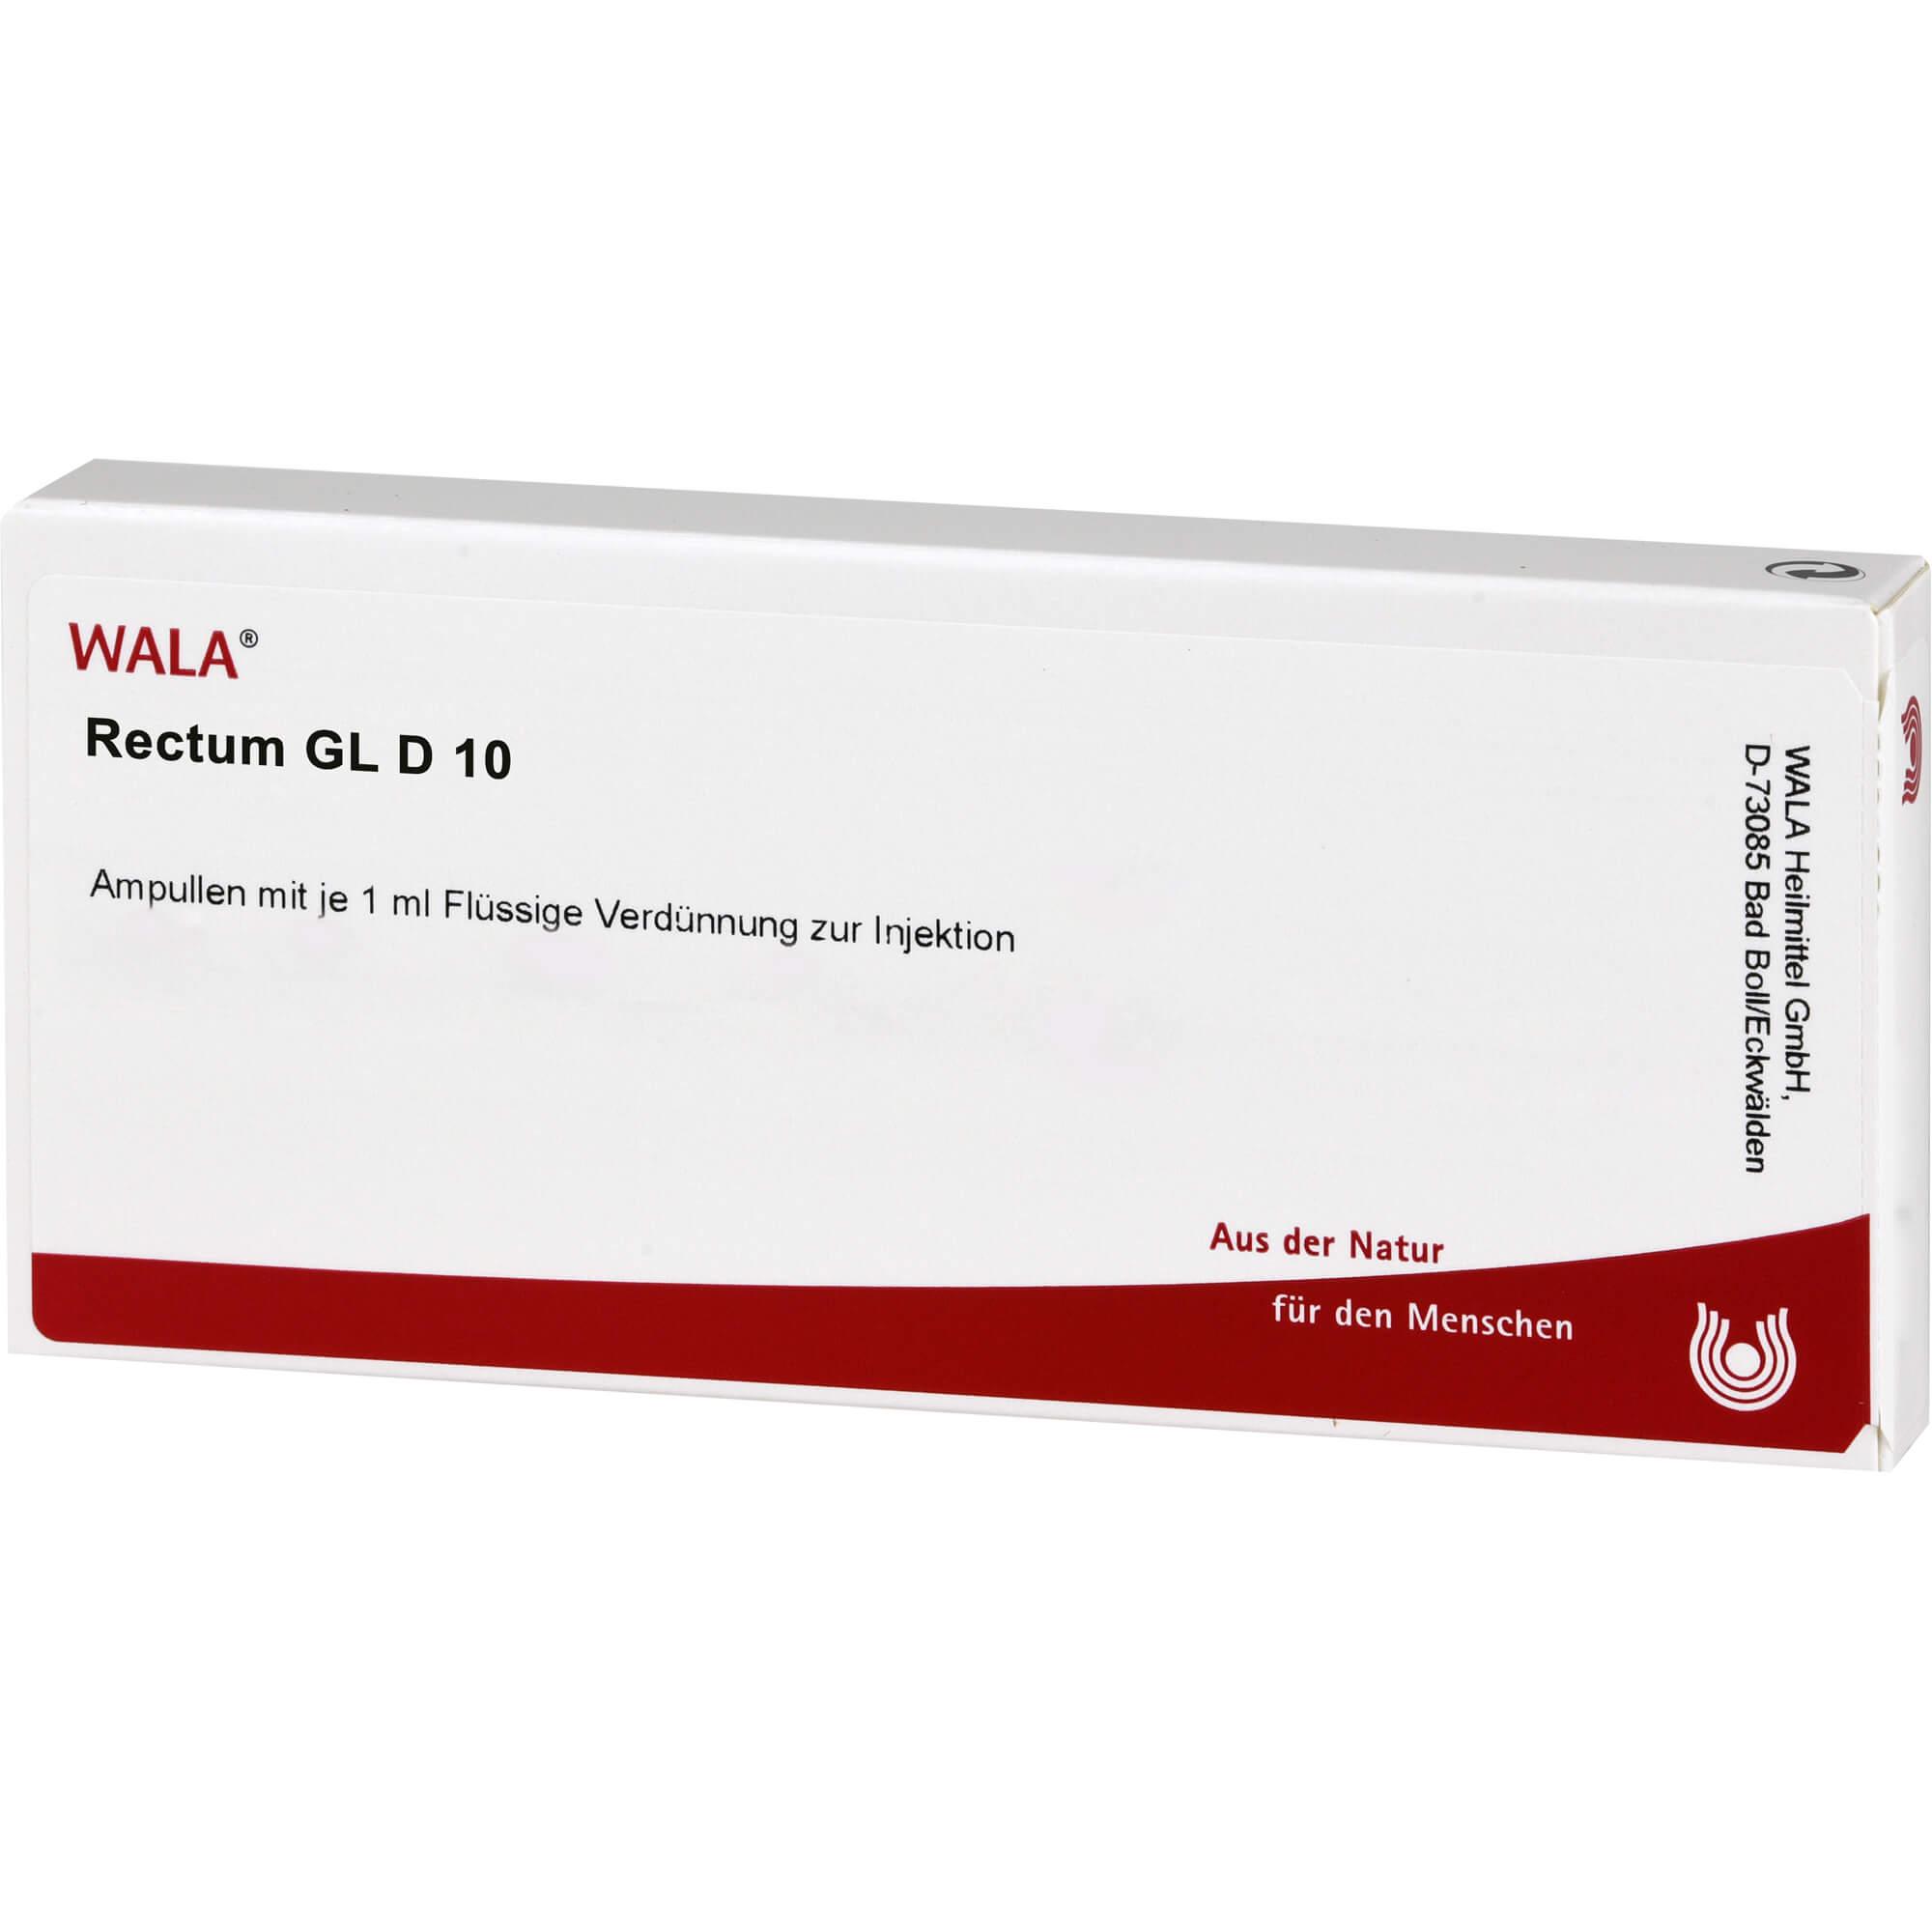 RECTUM GL D 10 Ampullen